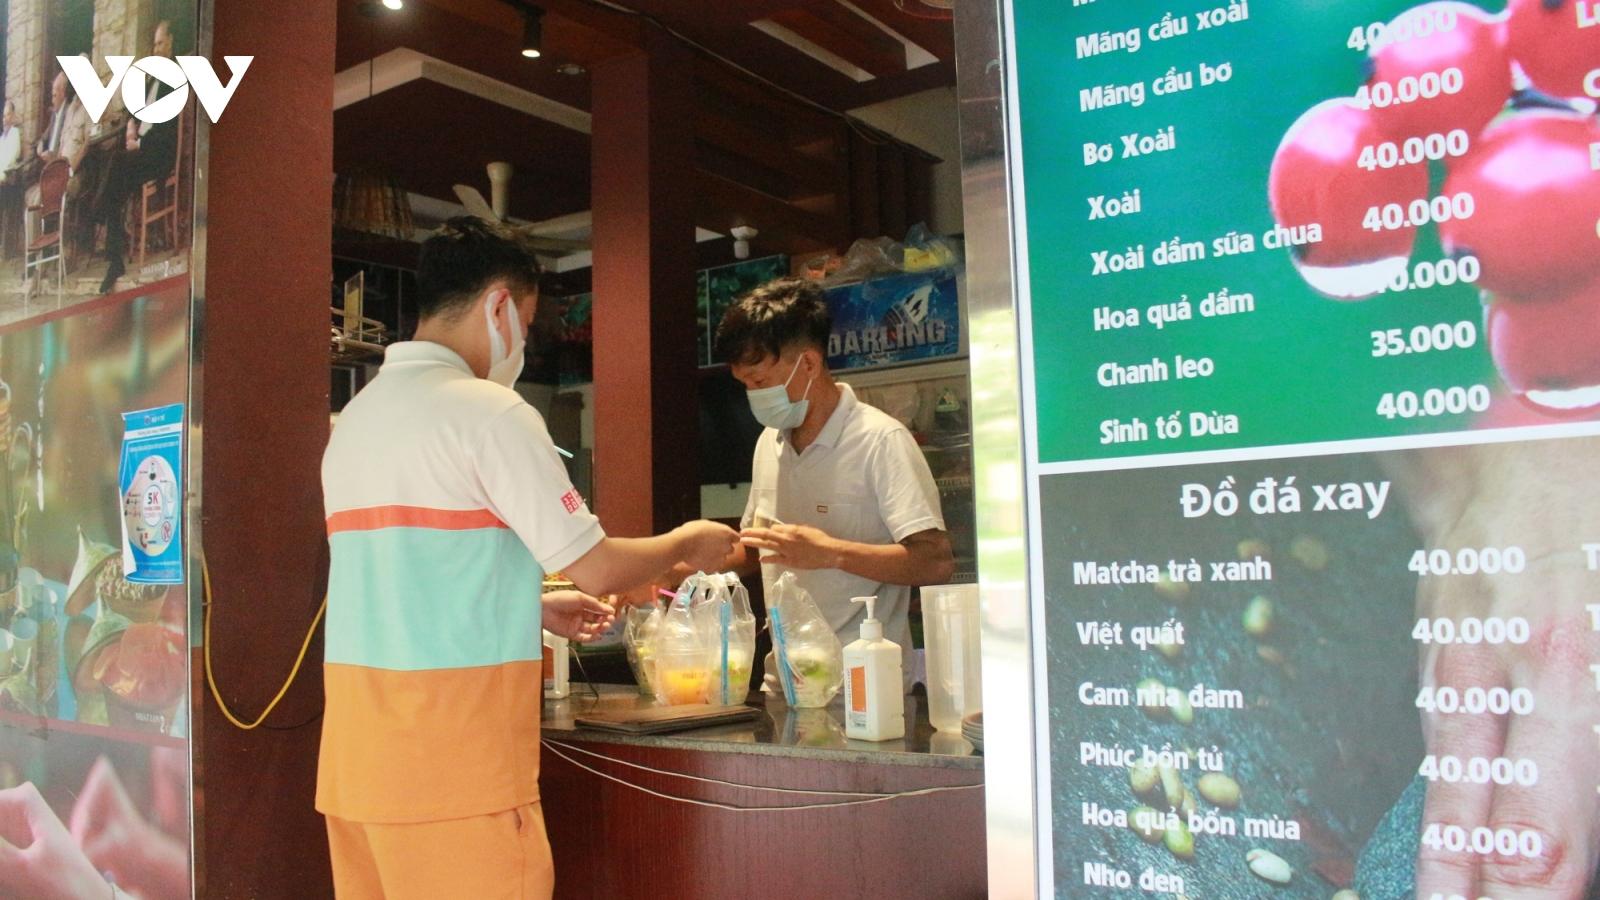 Sau 12h trưa 25/5: Quán cà phê ở Hà Nội chấp hành nghiêm quy định